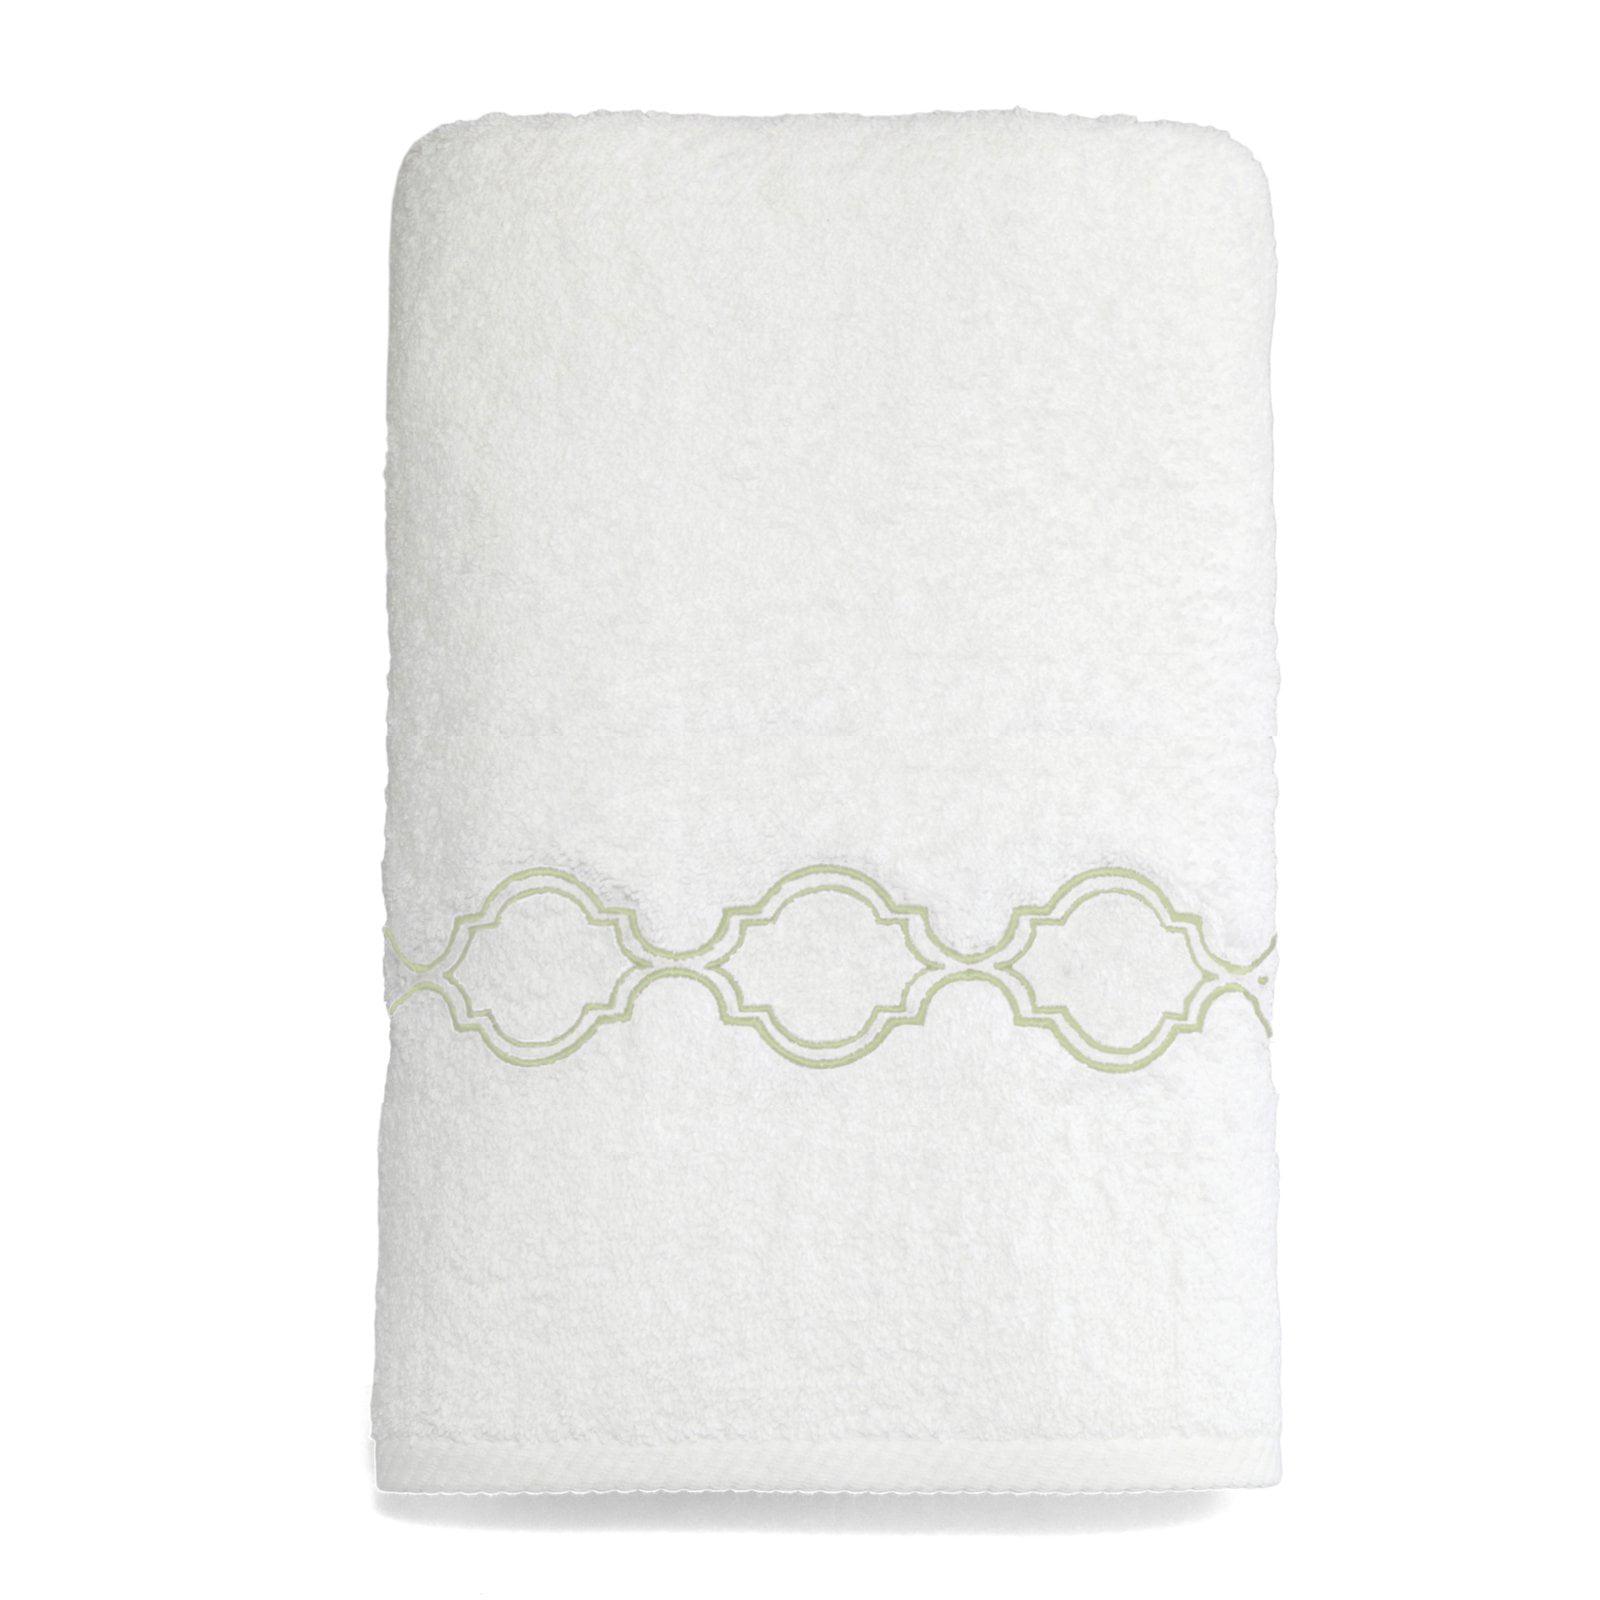 Linum Home Soft Twist Trellis Bath Towel by Linum Home Textiles LLC